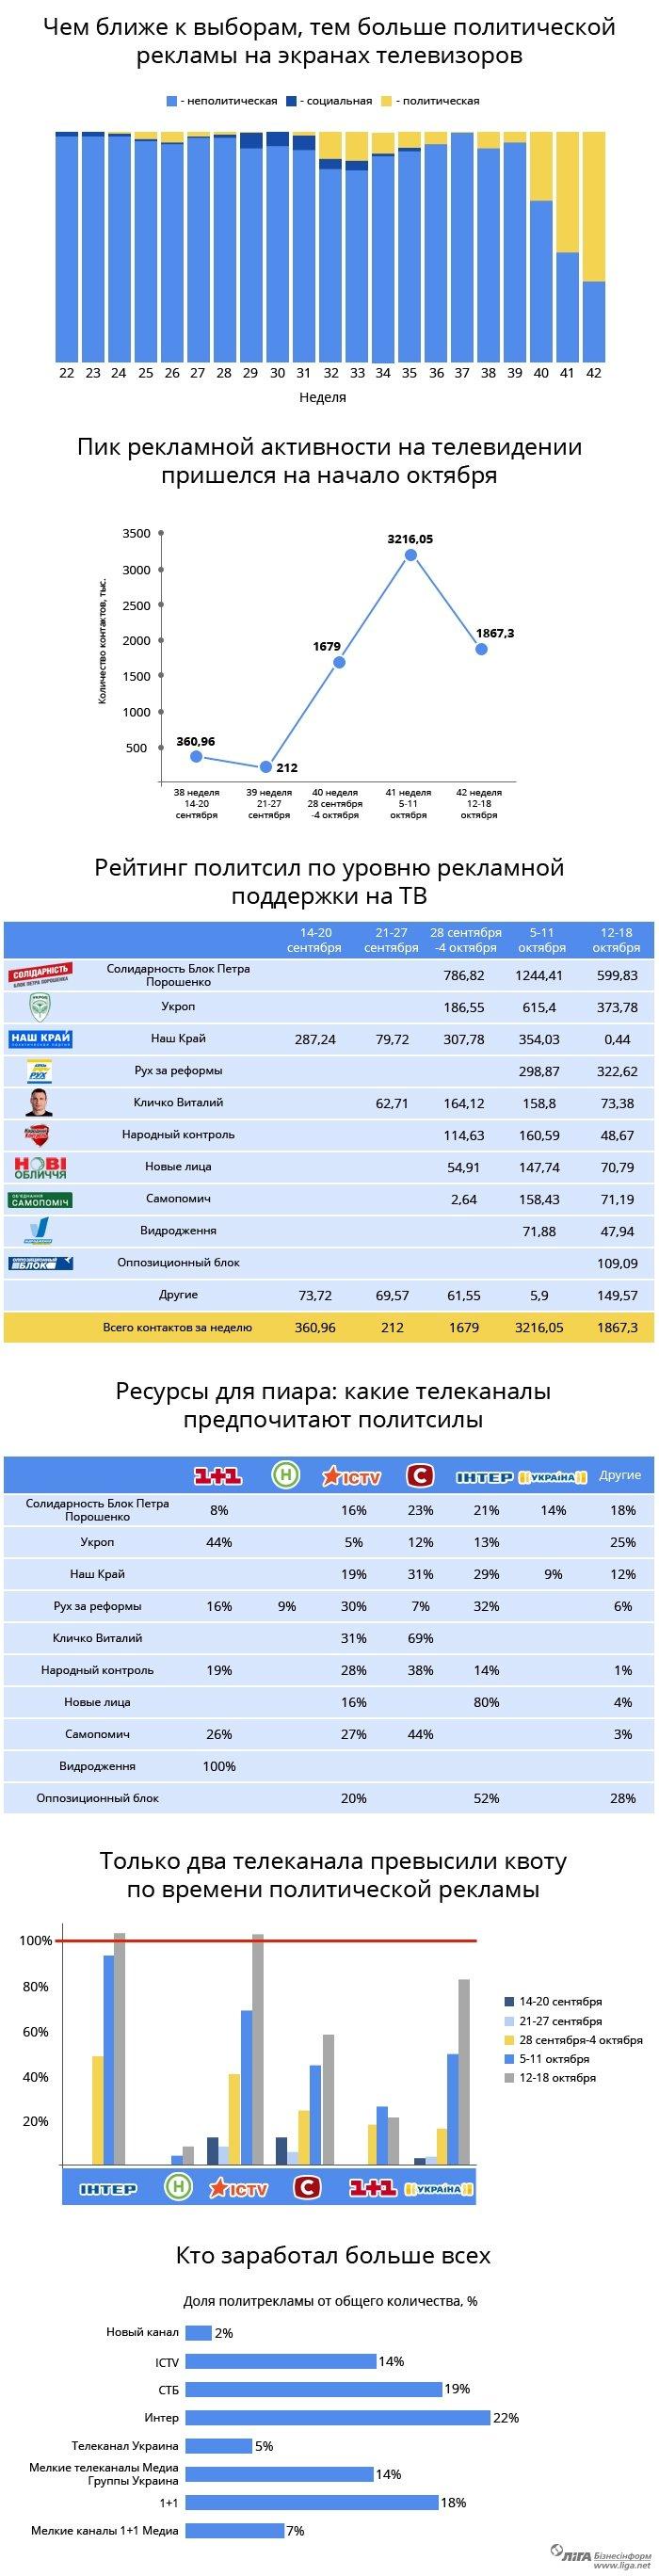 Пропаганда на ТВ: каким каналам достались деньги политиков (ИНФОГРАФИКА) (фото) - фото 1